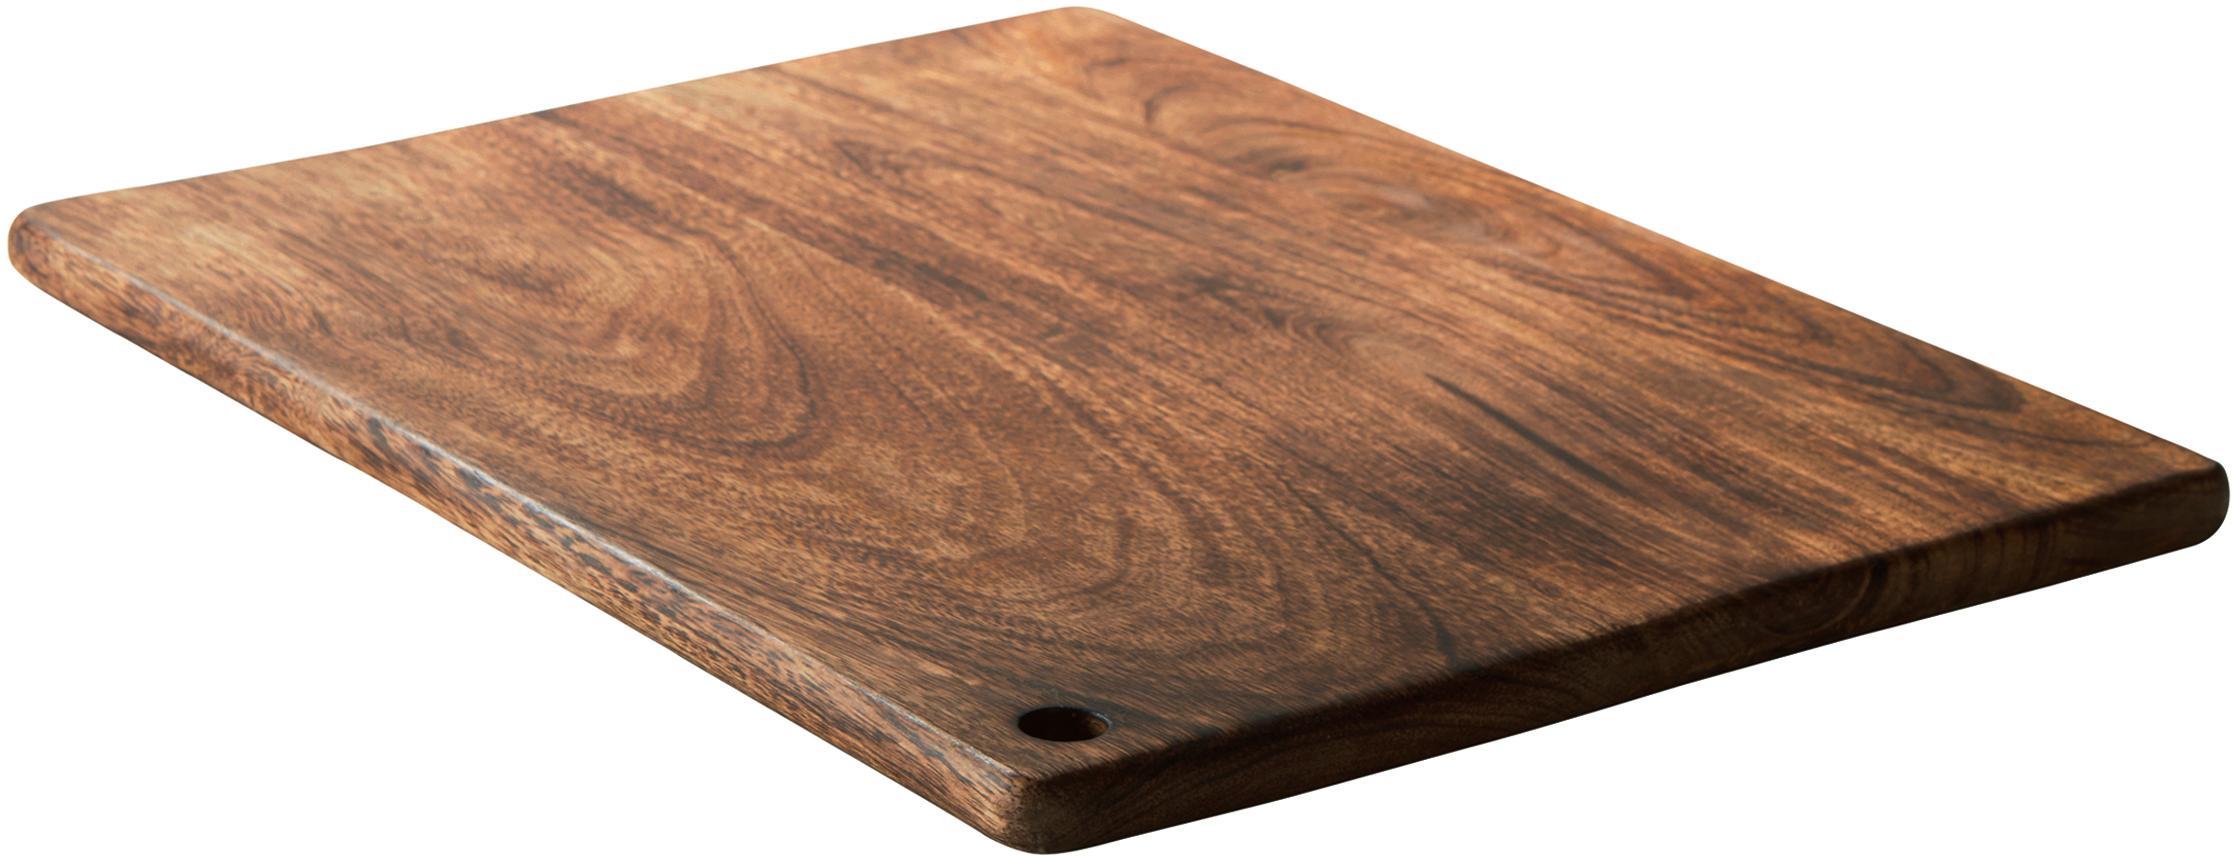 Deska do krojenia z drewna mangowego Colton, Drewno mangowe, Drewno mangowe, S 40 x G 30 cm